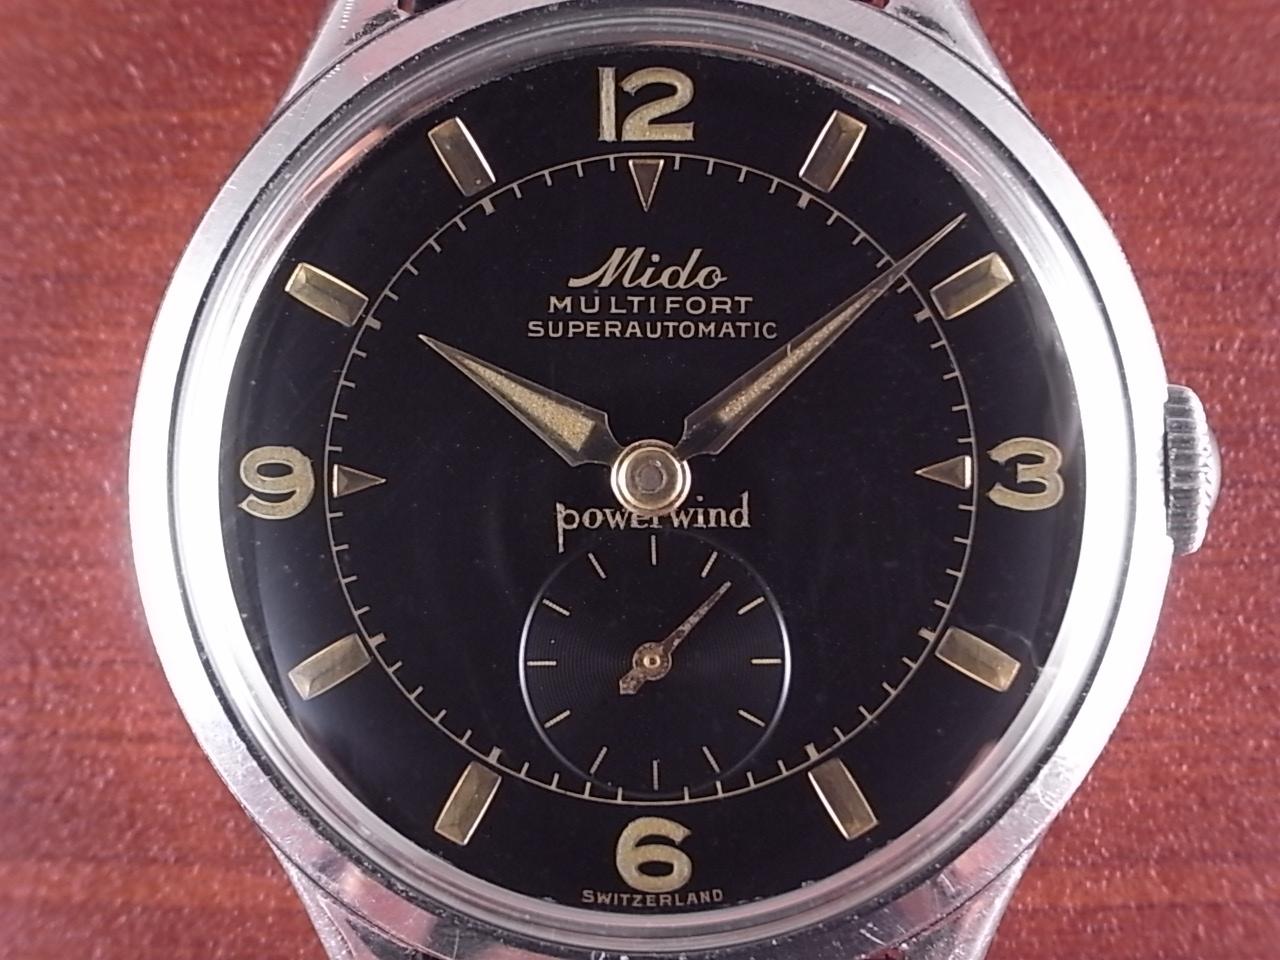 ミドー マルチフォート ブラックミラーダイアル 全回転ローター 1950年代の写真2枚目